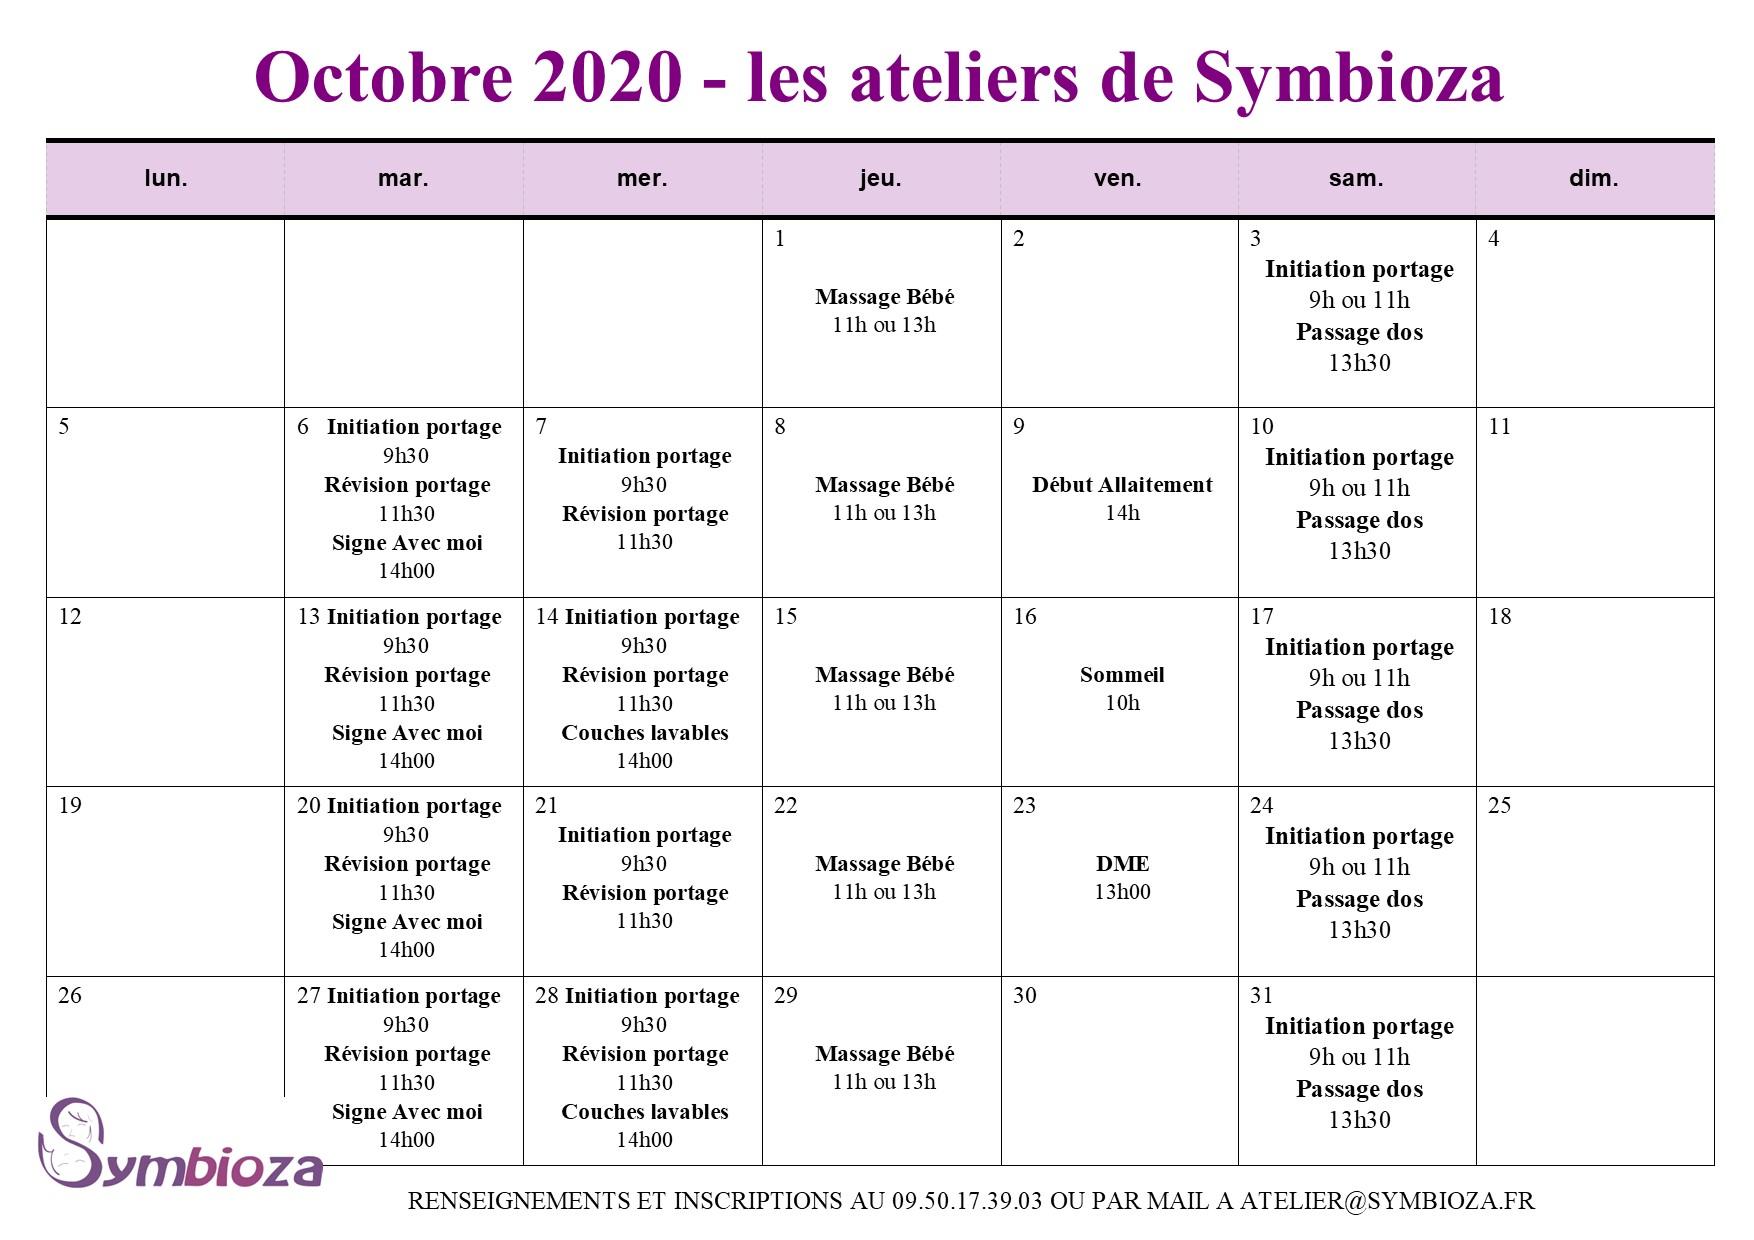 Les ateliers d'Octobre 2020